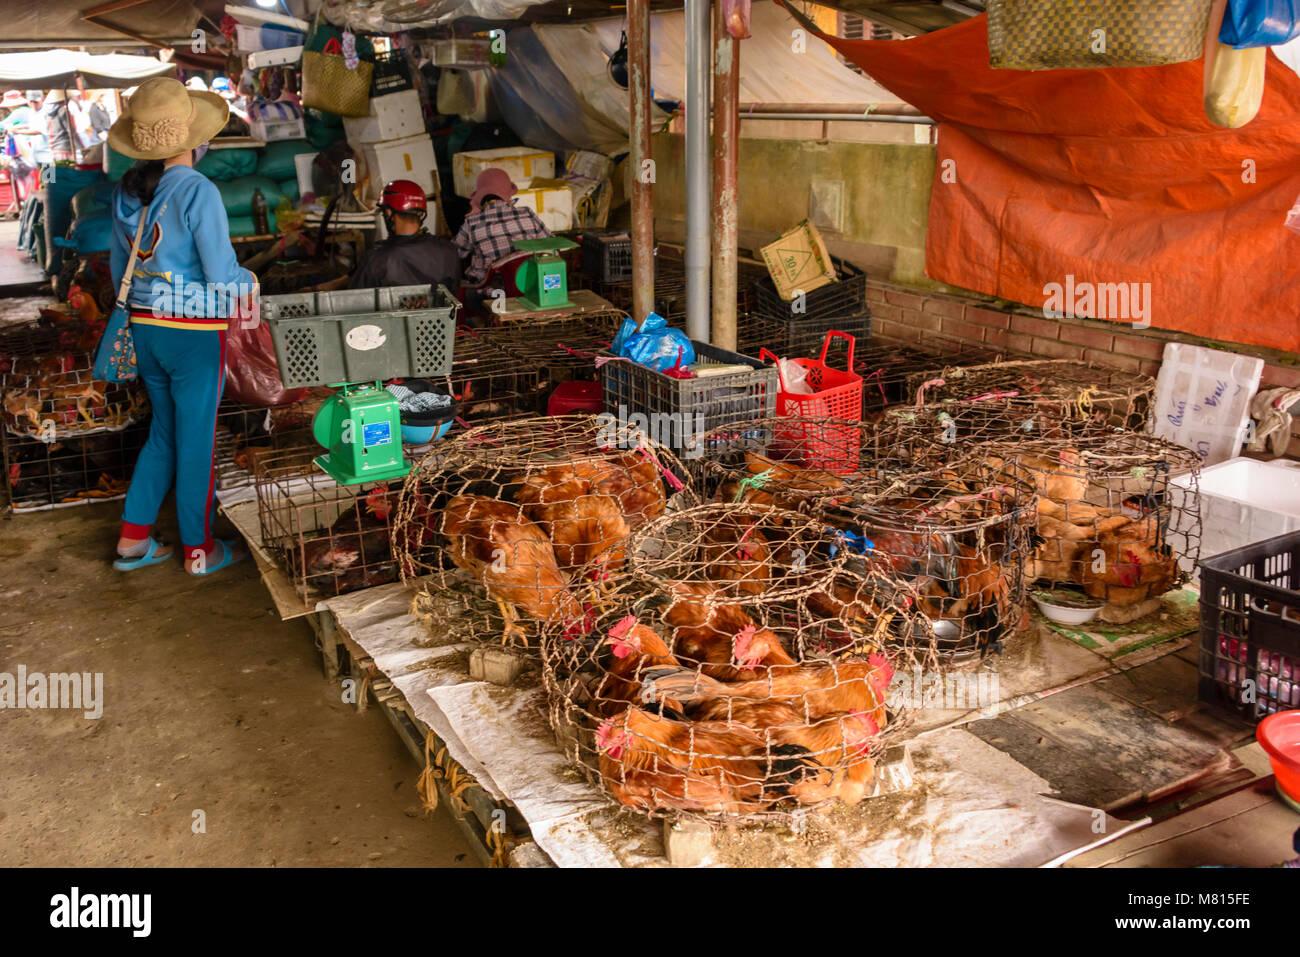 Meat Sale In Market Vietnam Imágenes De Stock   Meat Sale In Market ... a52179a90b8